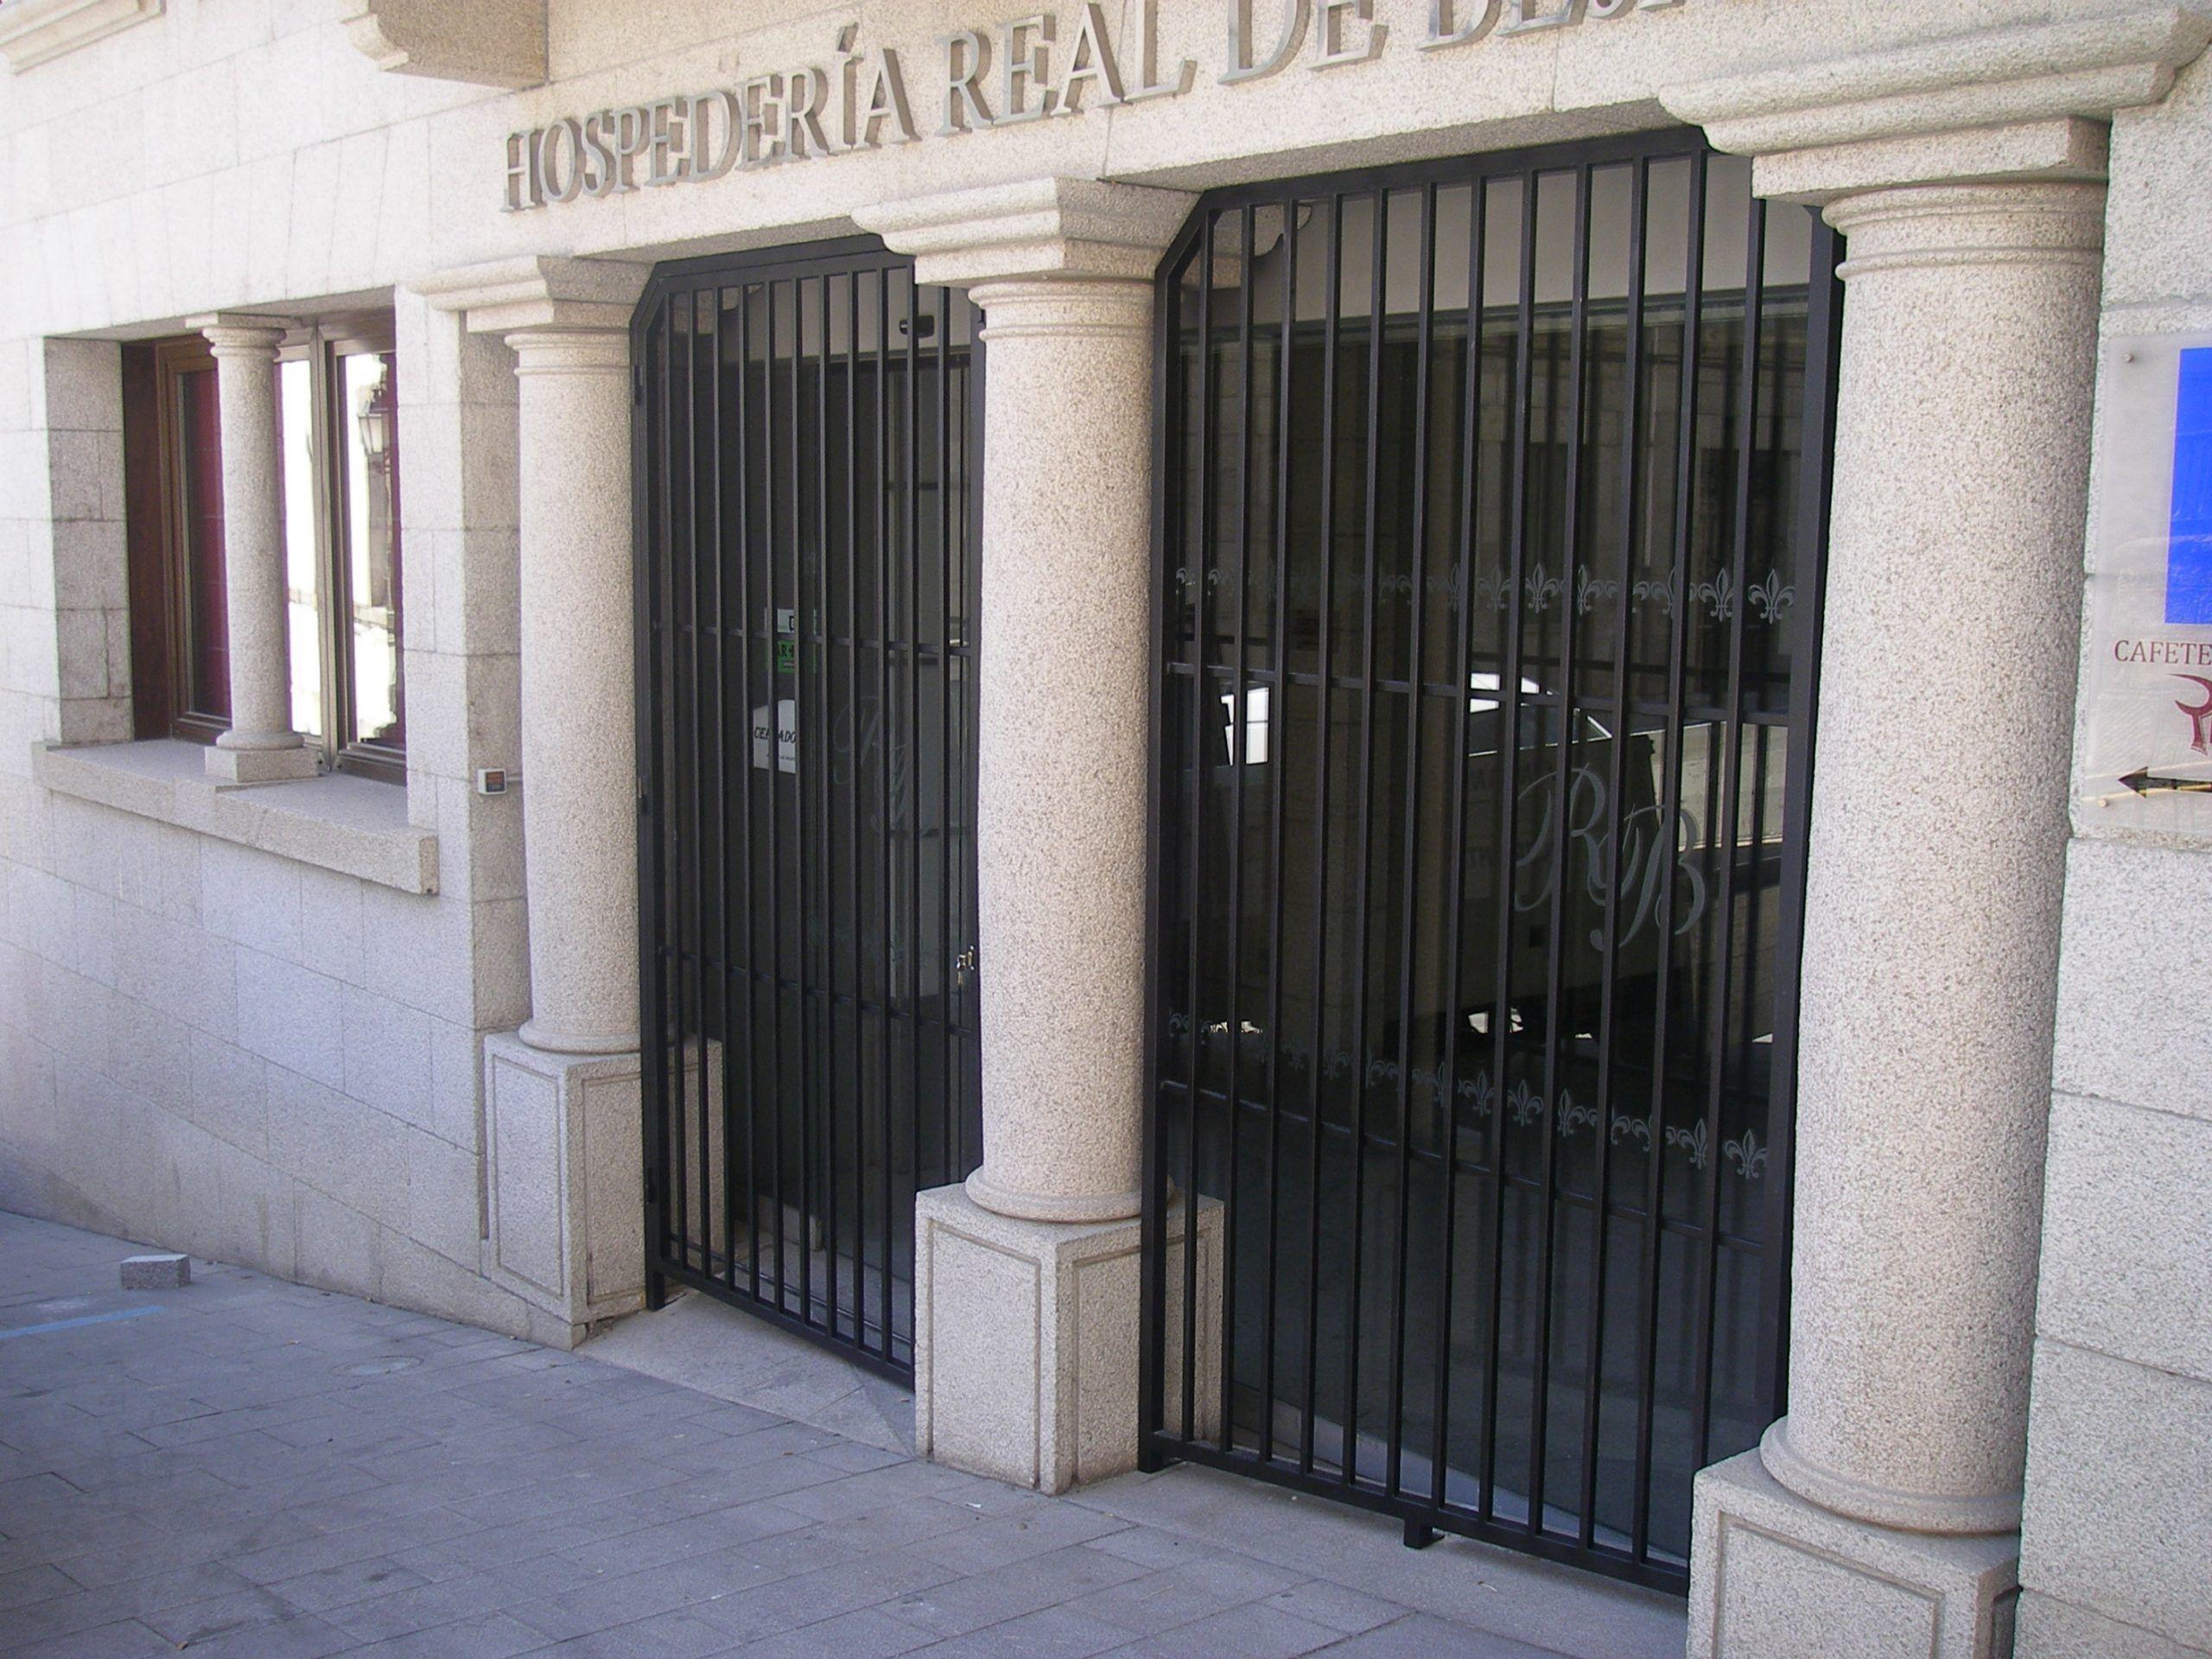 Reja Hospederia real de Bejar (Salamanca)